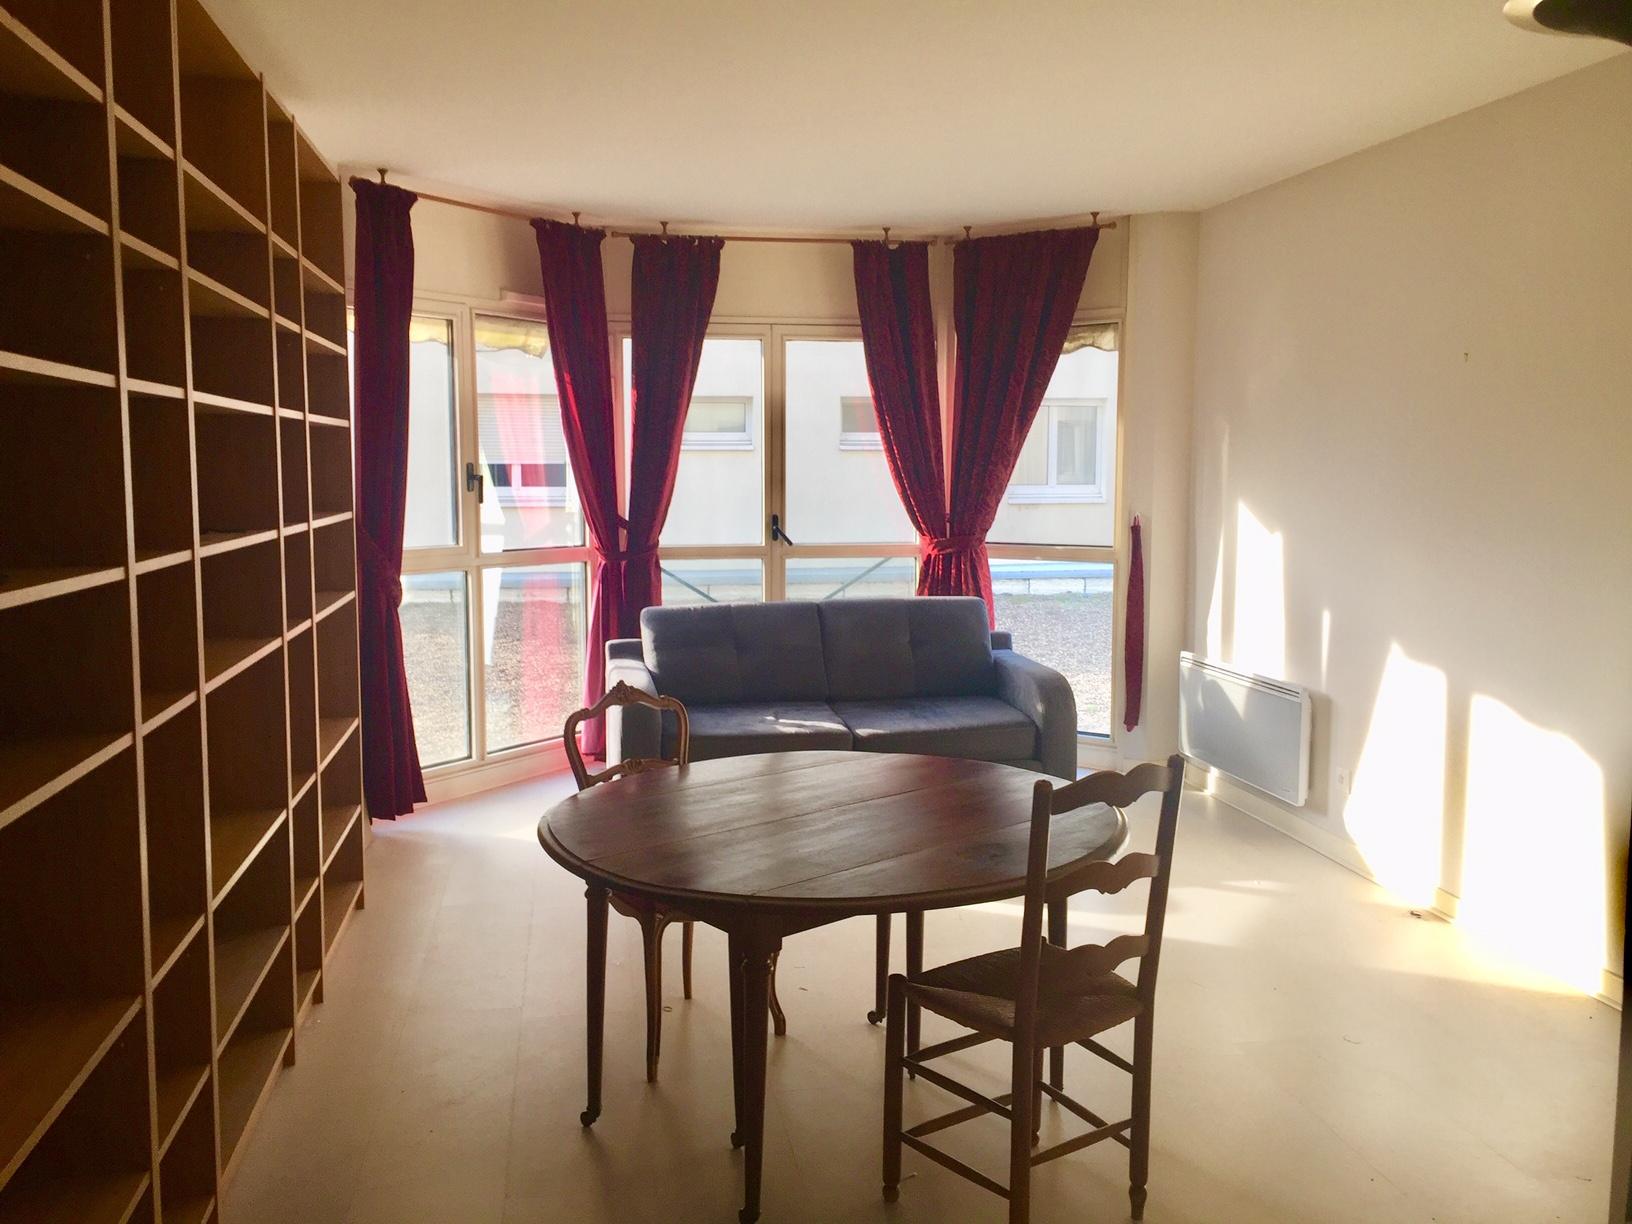 residence-senior-l-orangerie-rue-victor-hugo